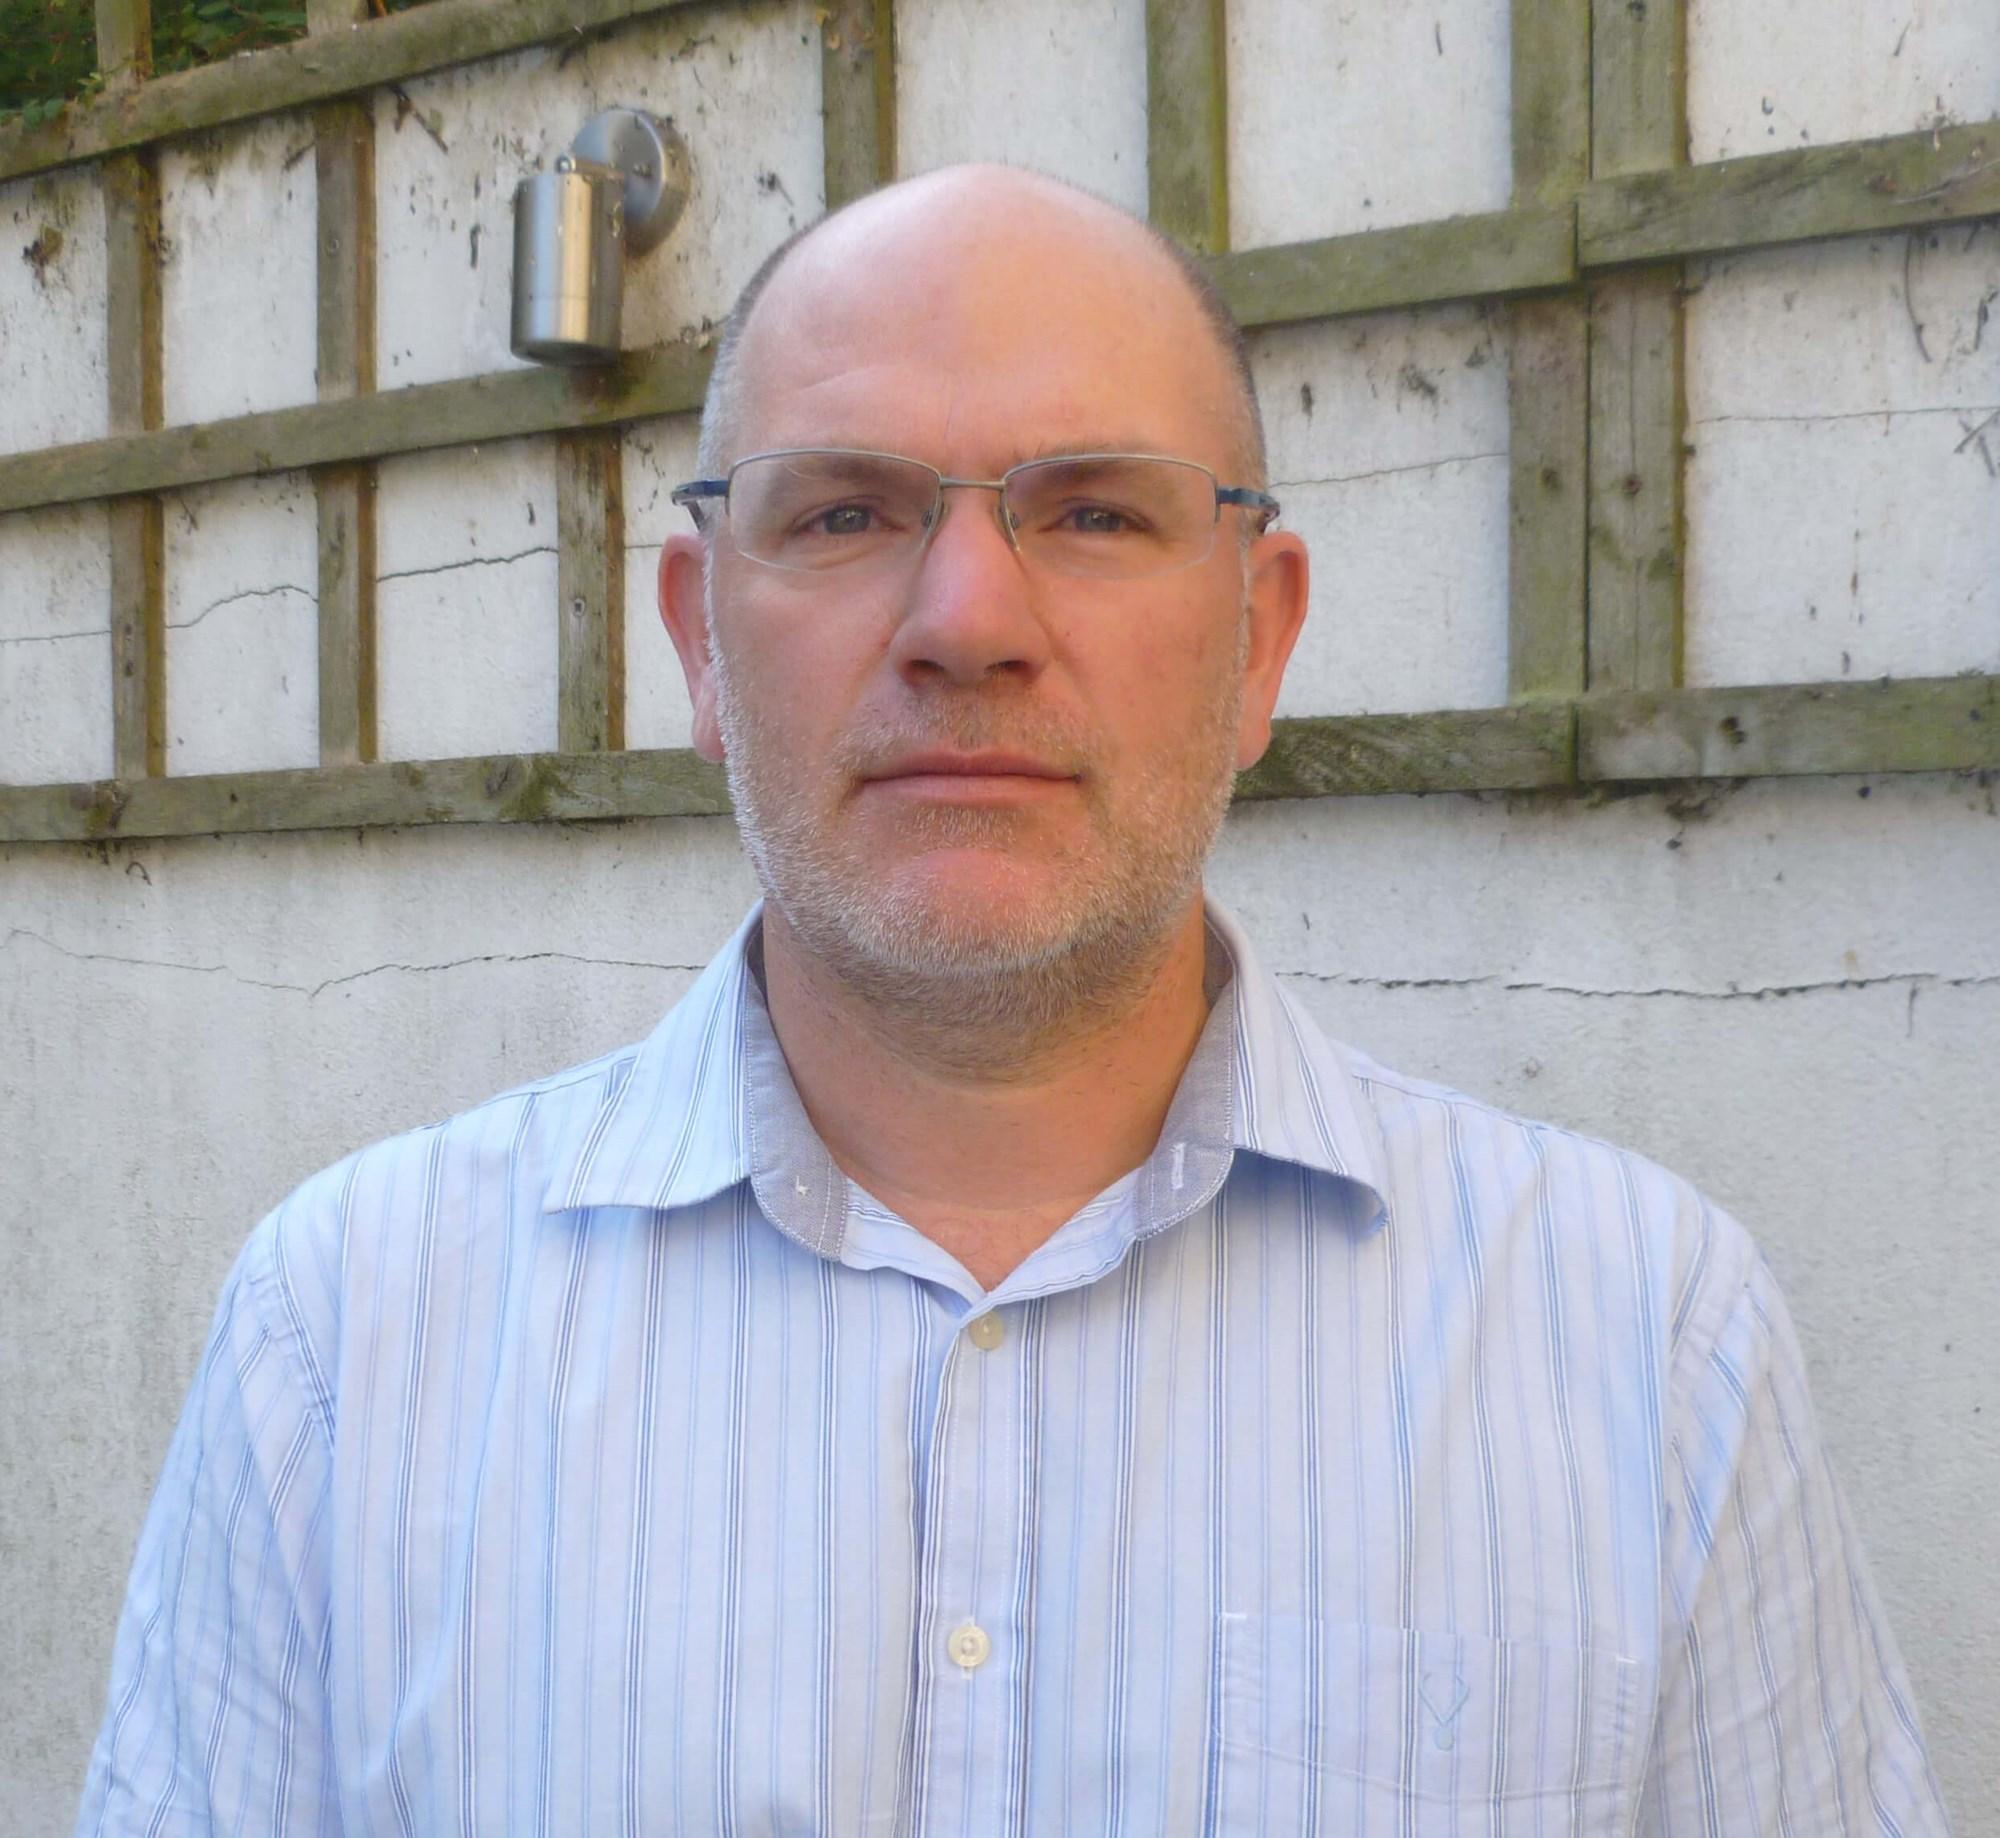 Tom Hooper